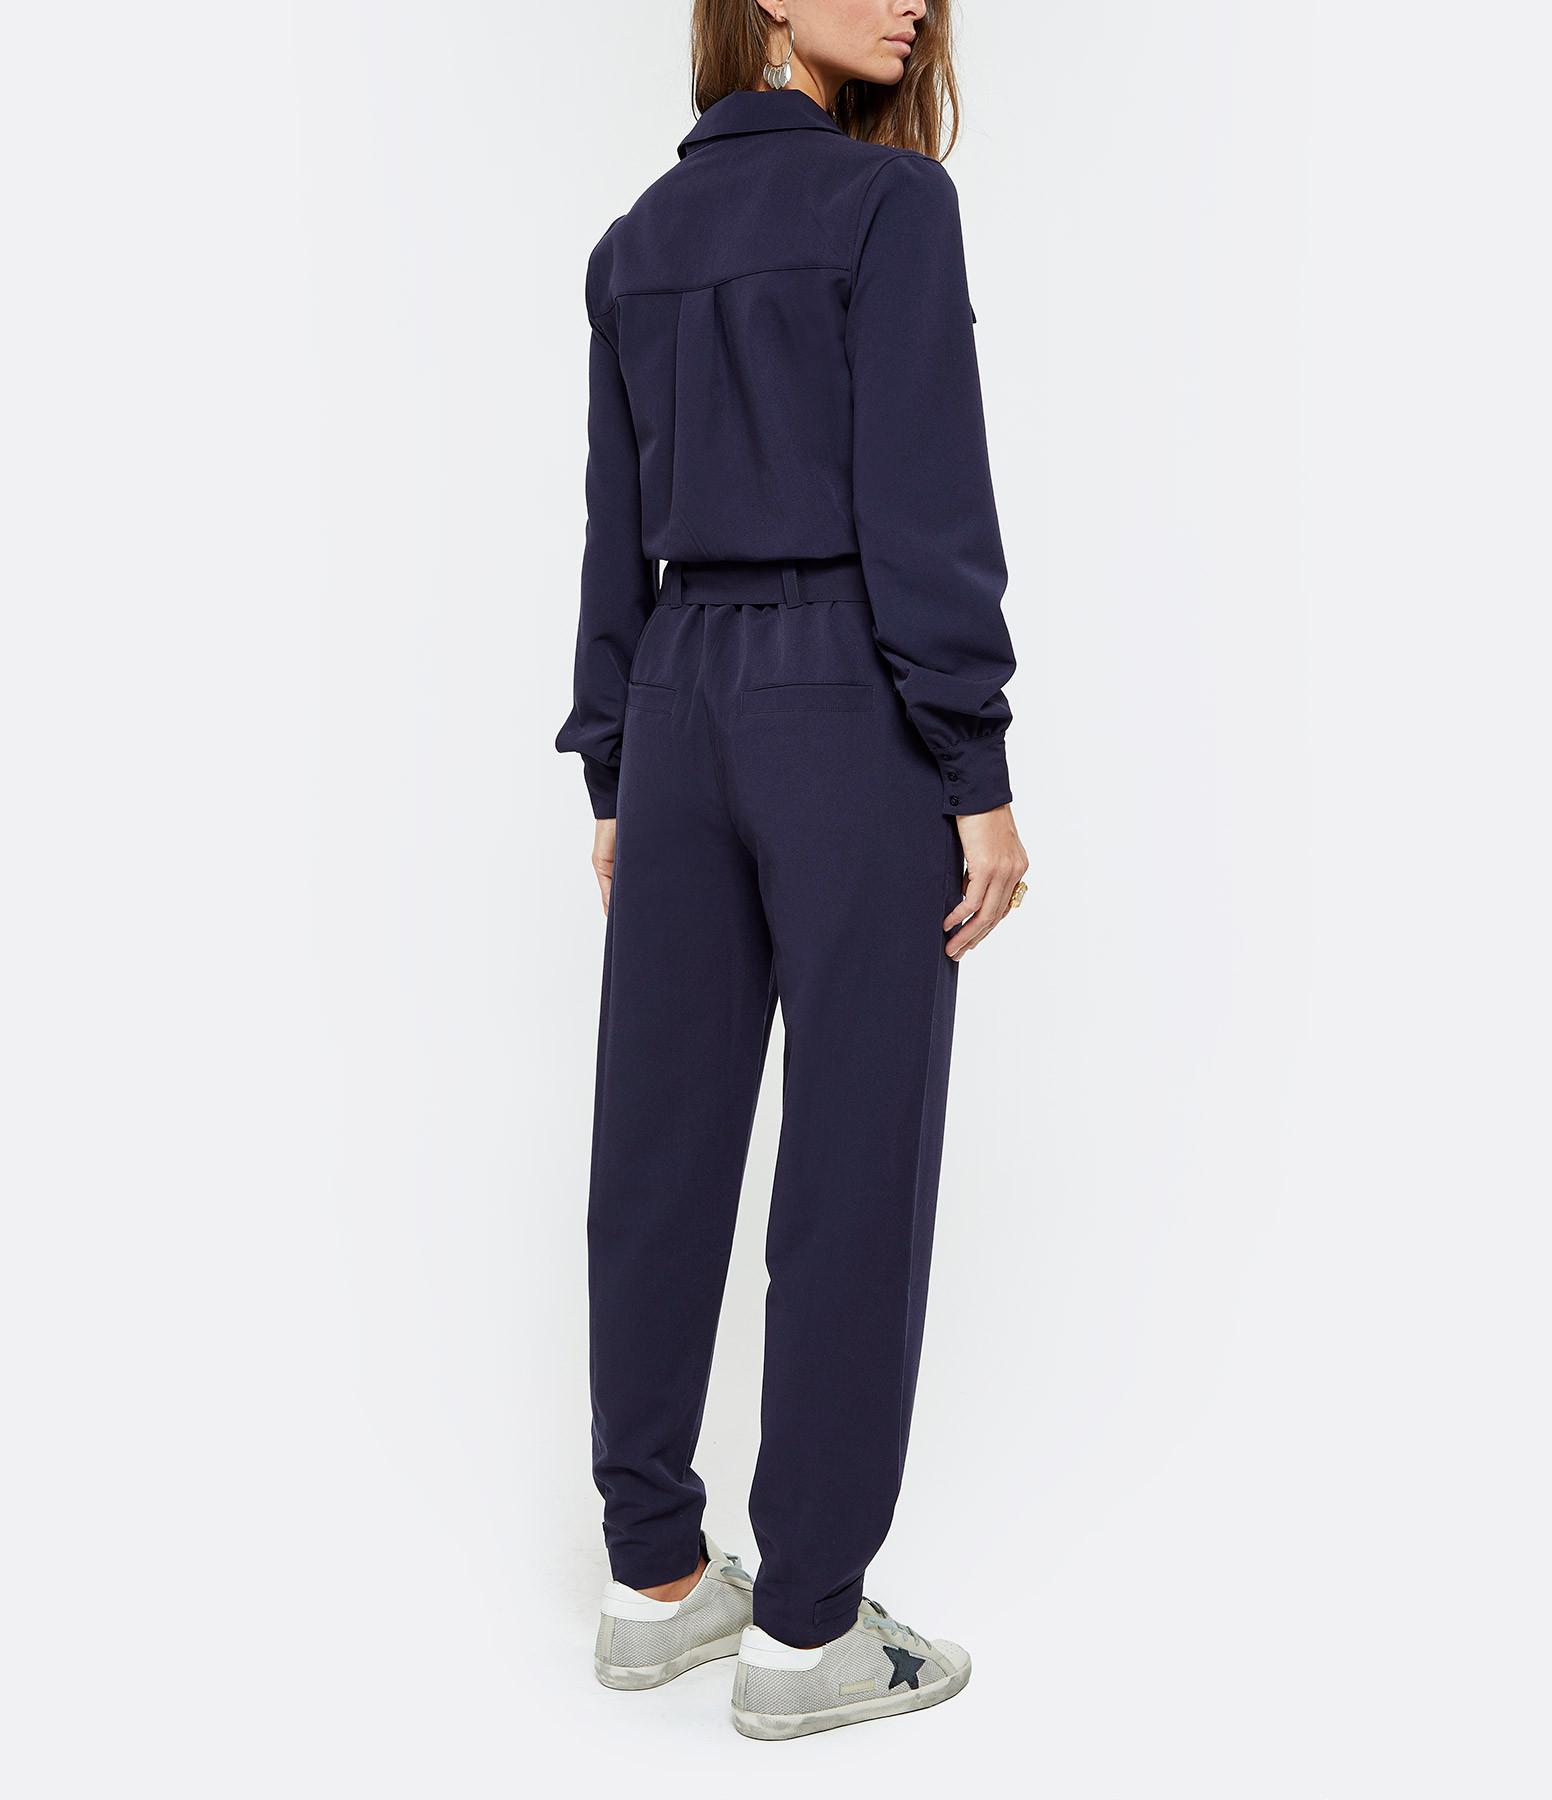 MAISON LABICHE - Combinaison Pantalon Amour Navy